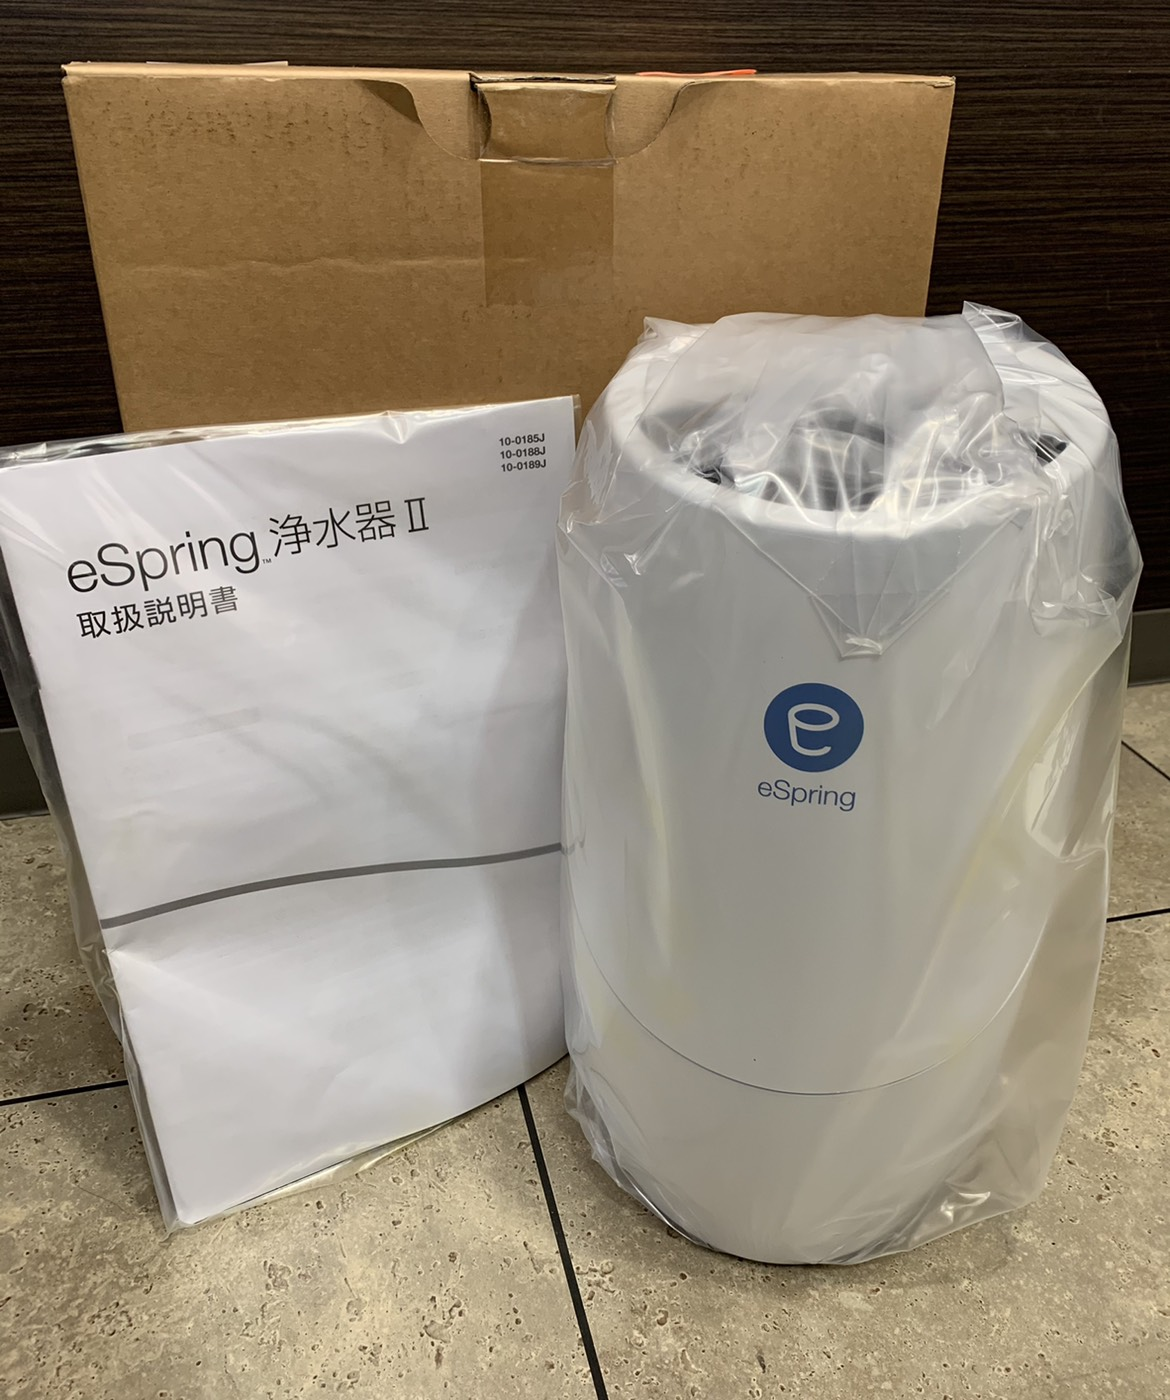 買取商品:【未使用】eSpring 浄水器 Ⅱ